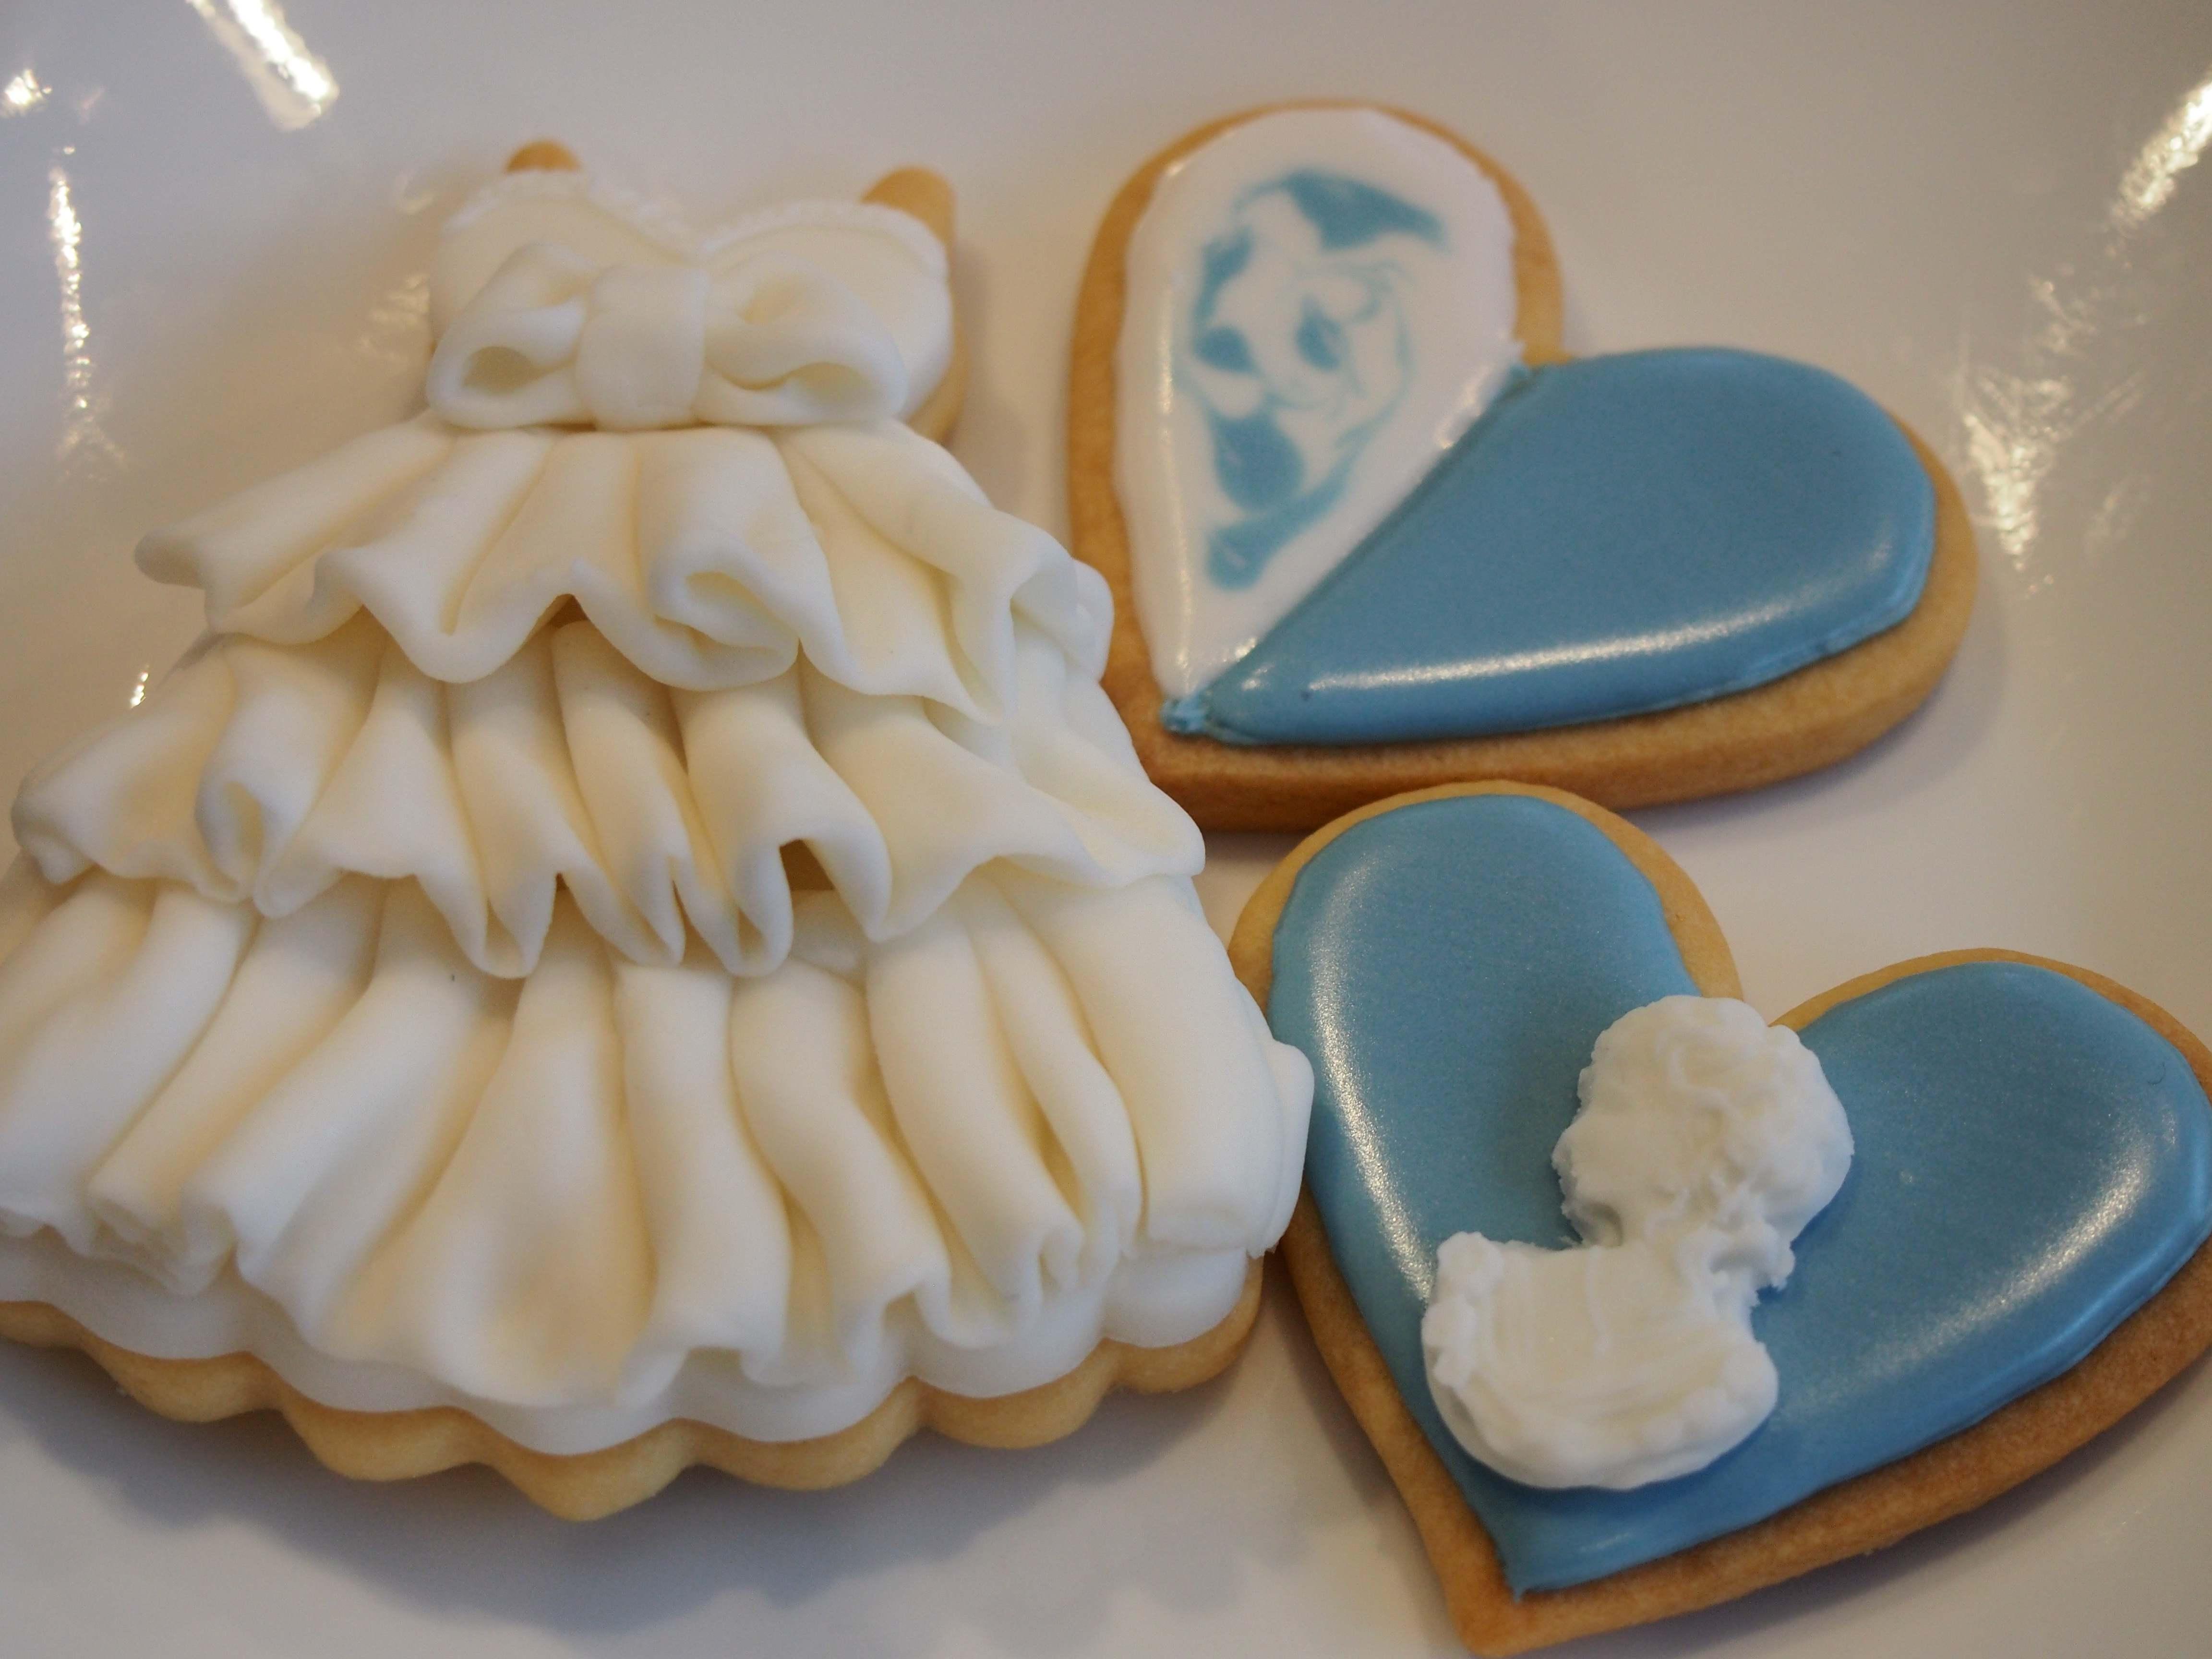 【お菓子作り】はじめてのアイシングクッキー 作り方